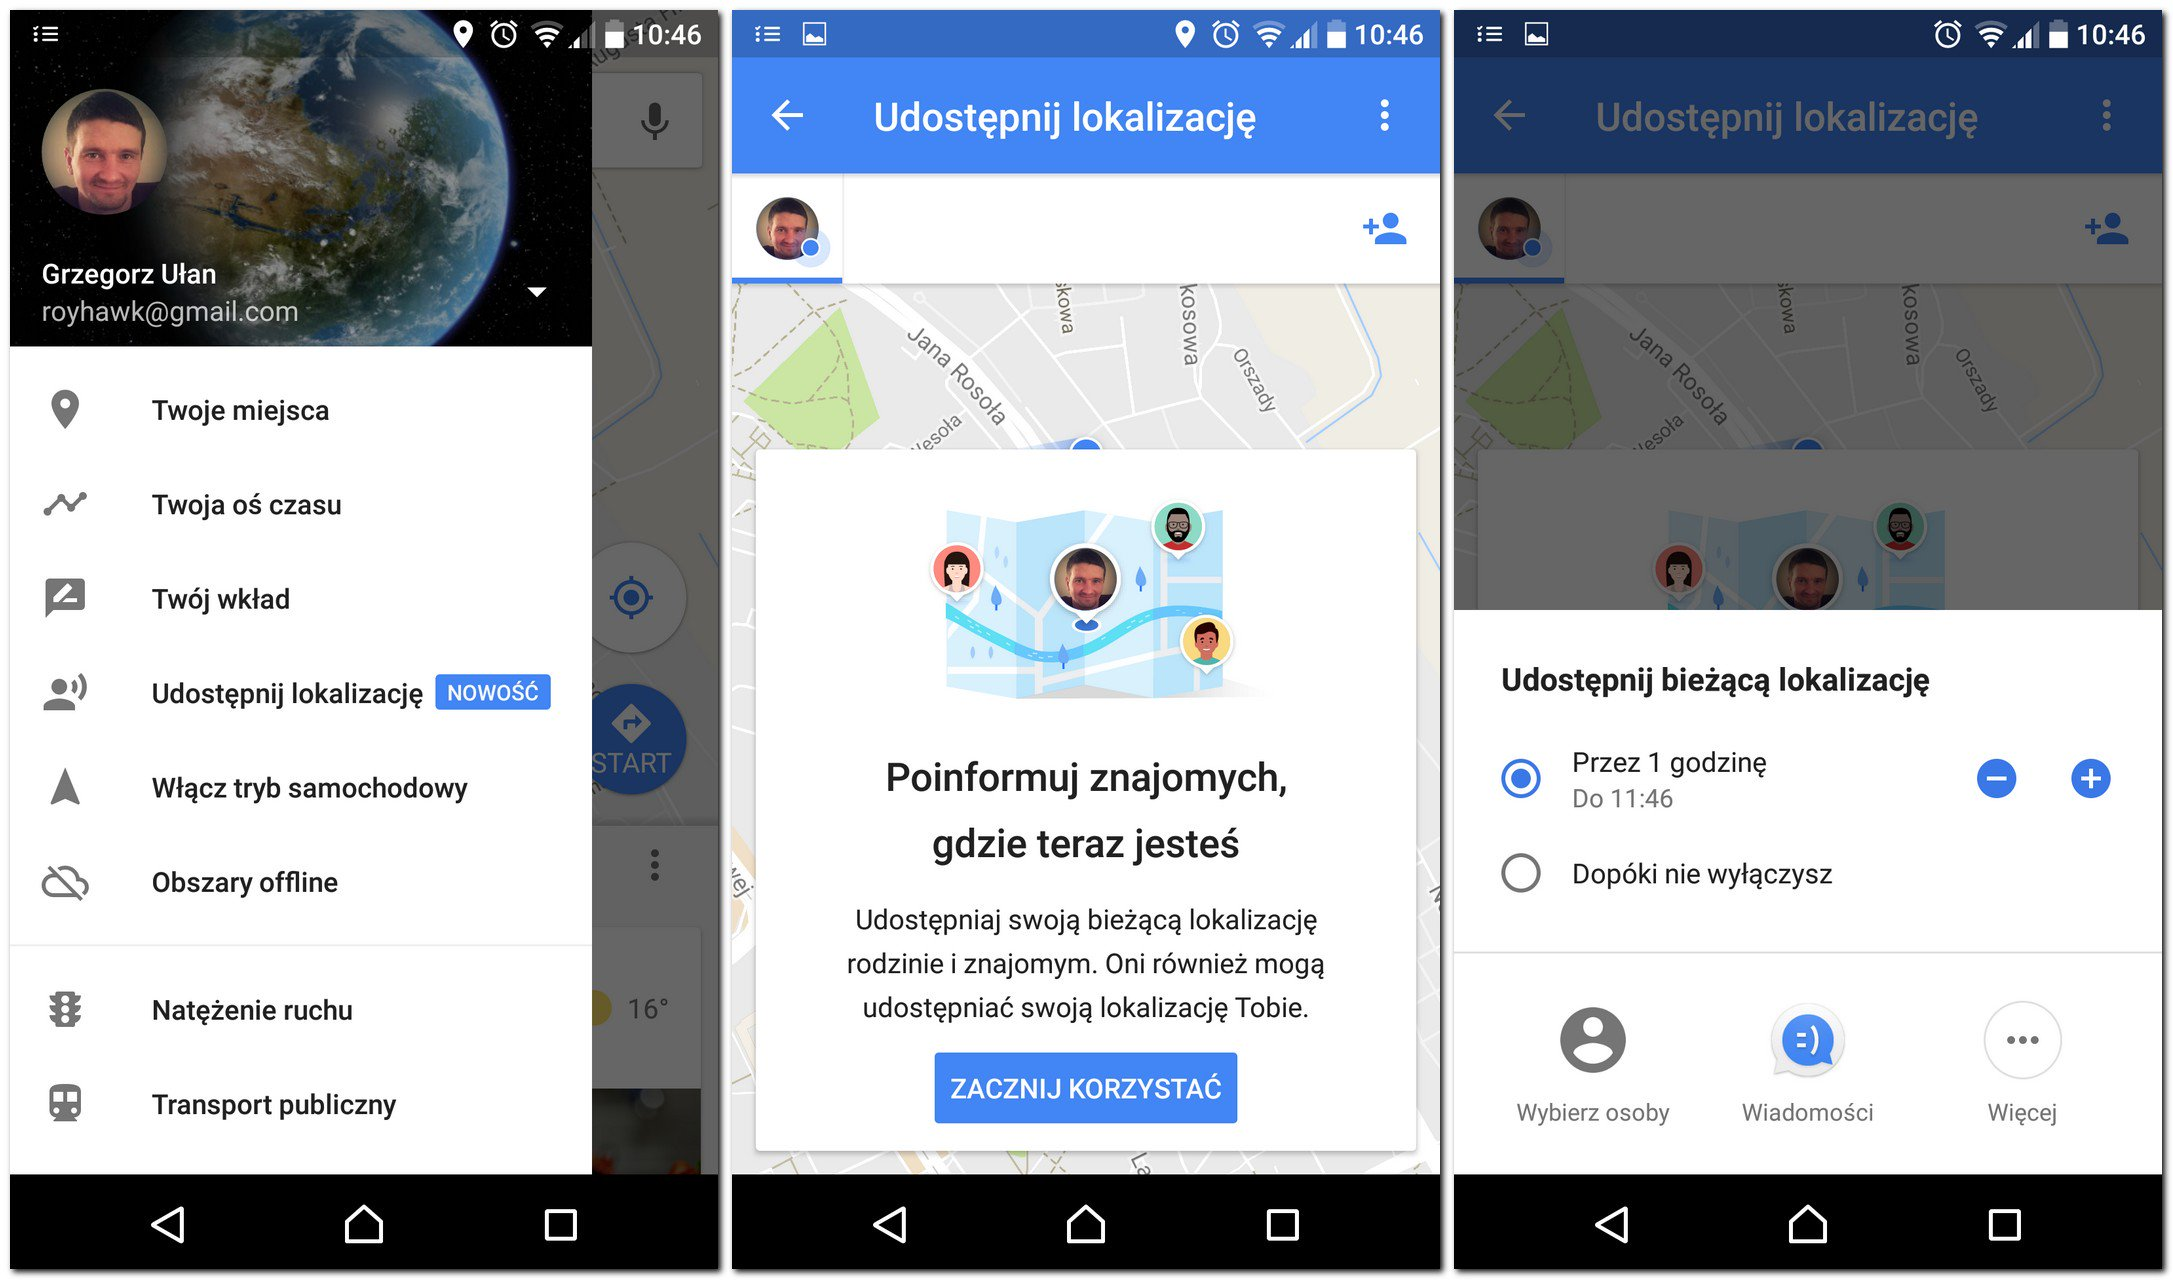 smartfon funkcja udostępnij lokalizację